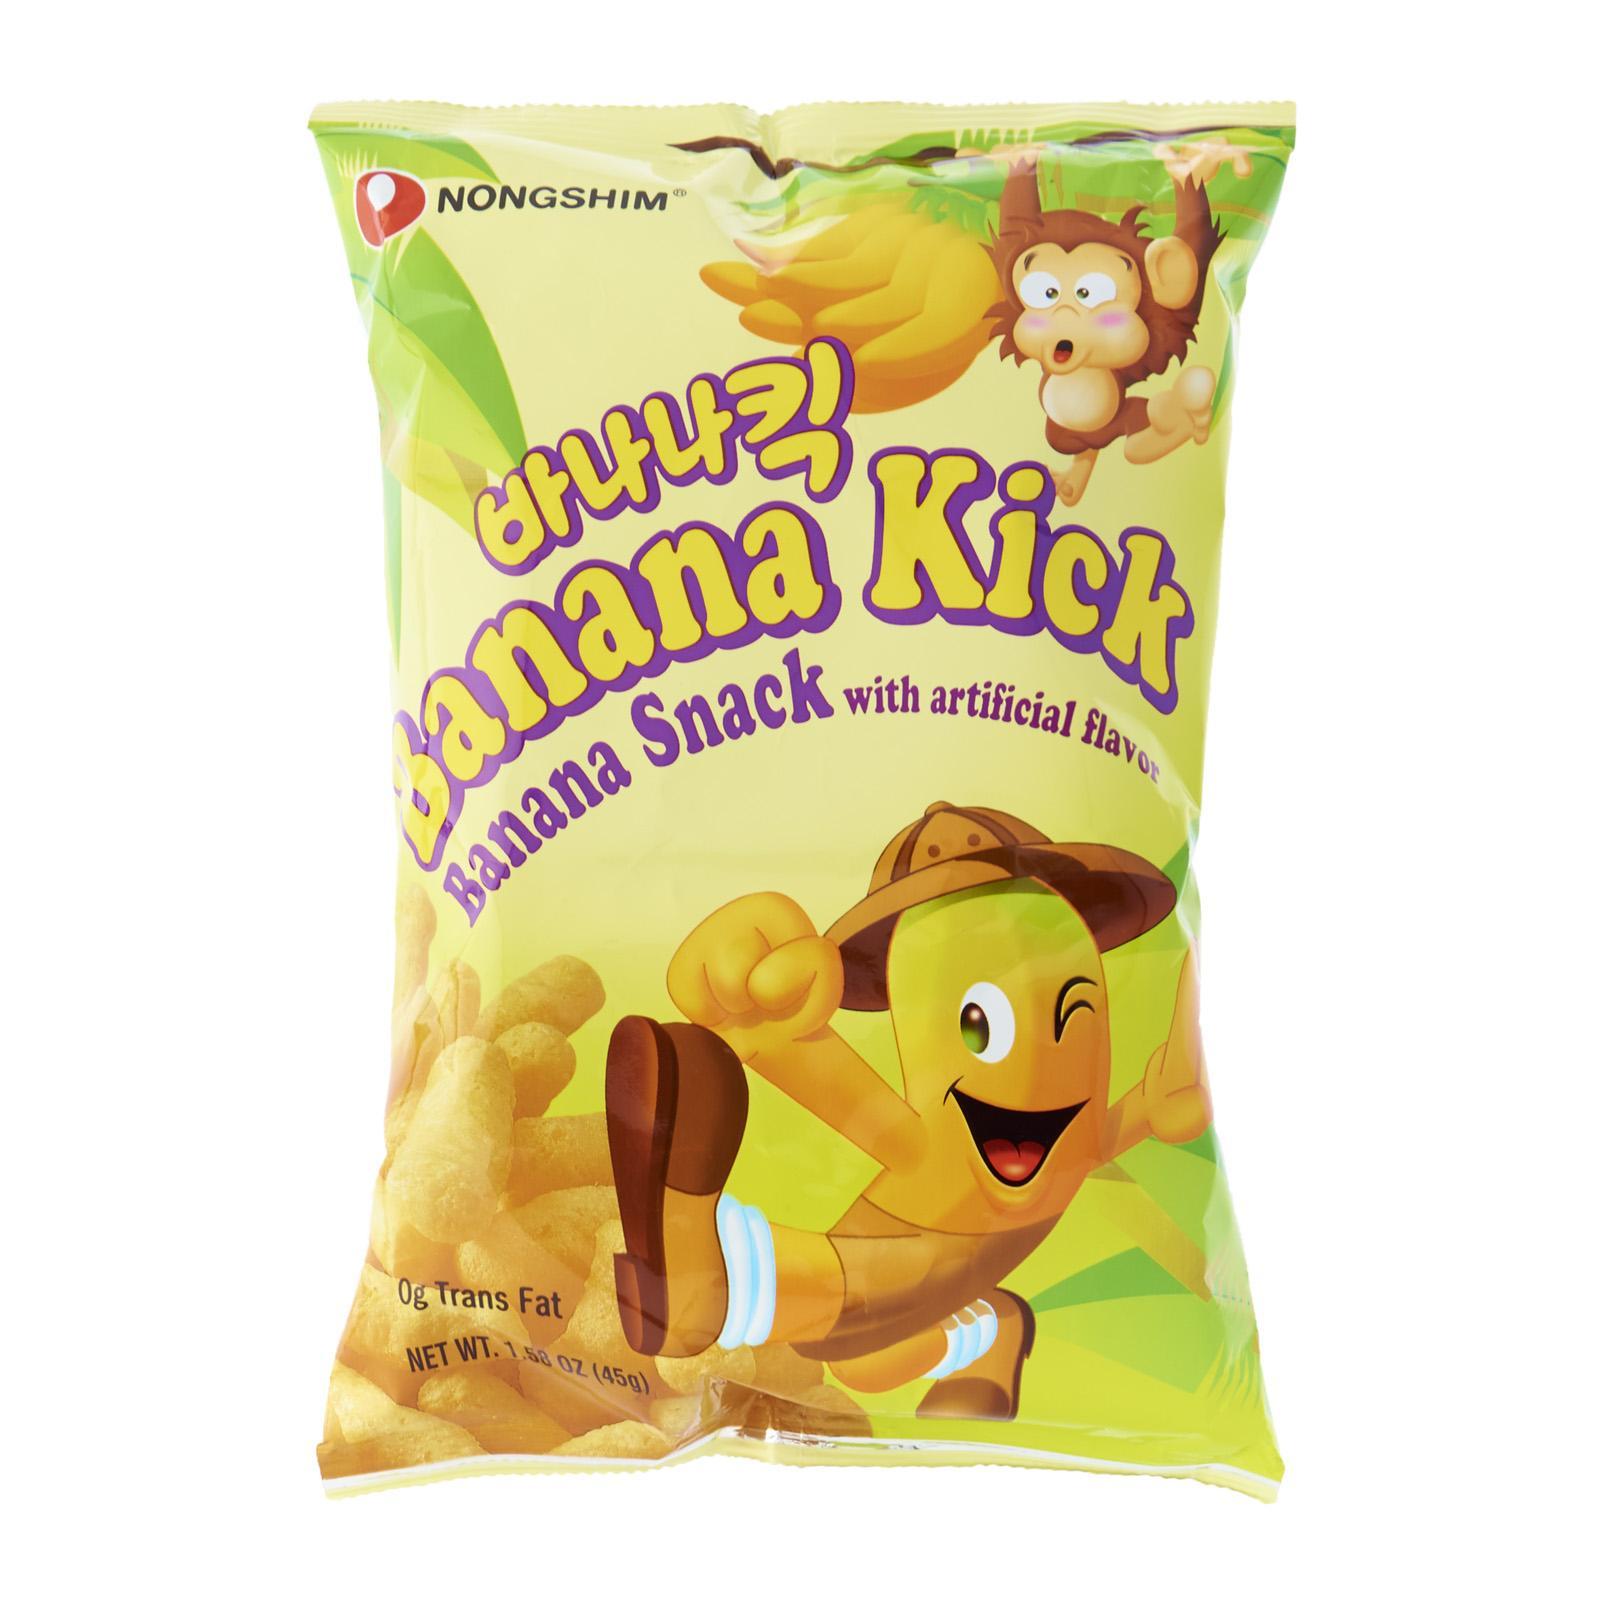 Nongshim Bananakink Snack